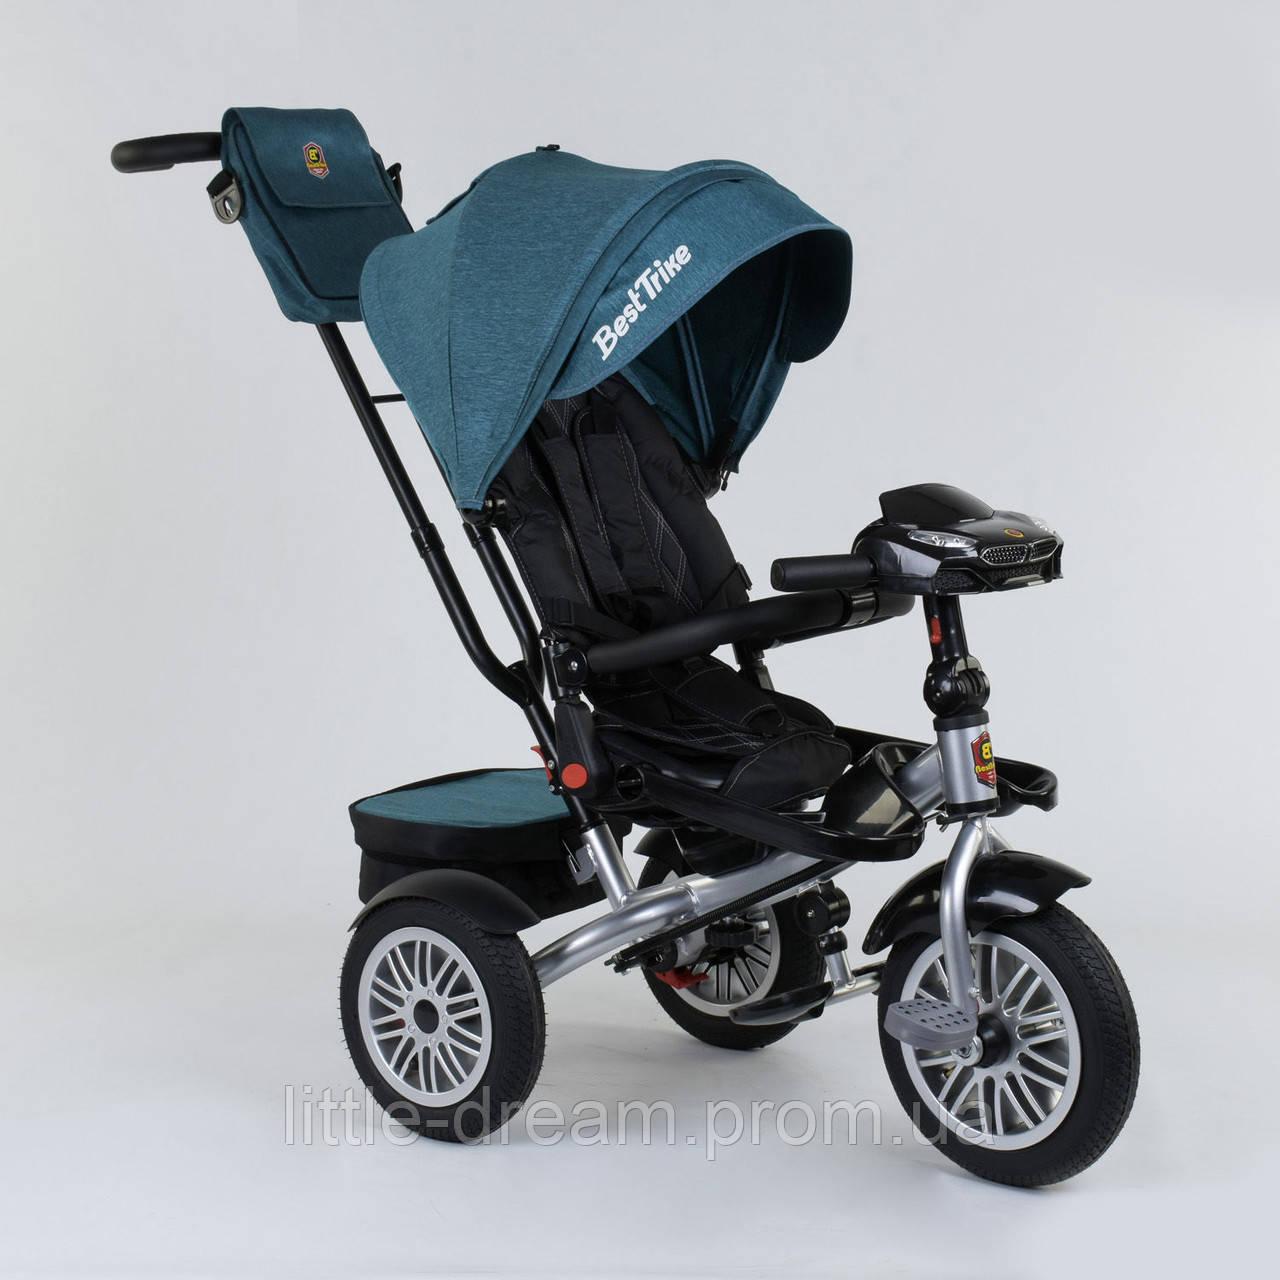 Велосипед 3-х колёсный Best Trike с поворотным сиденьем 9288 В - 1690, складной руль, русское озвучивание, надувные колеса, пульт включения света и